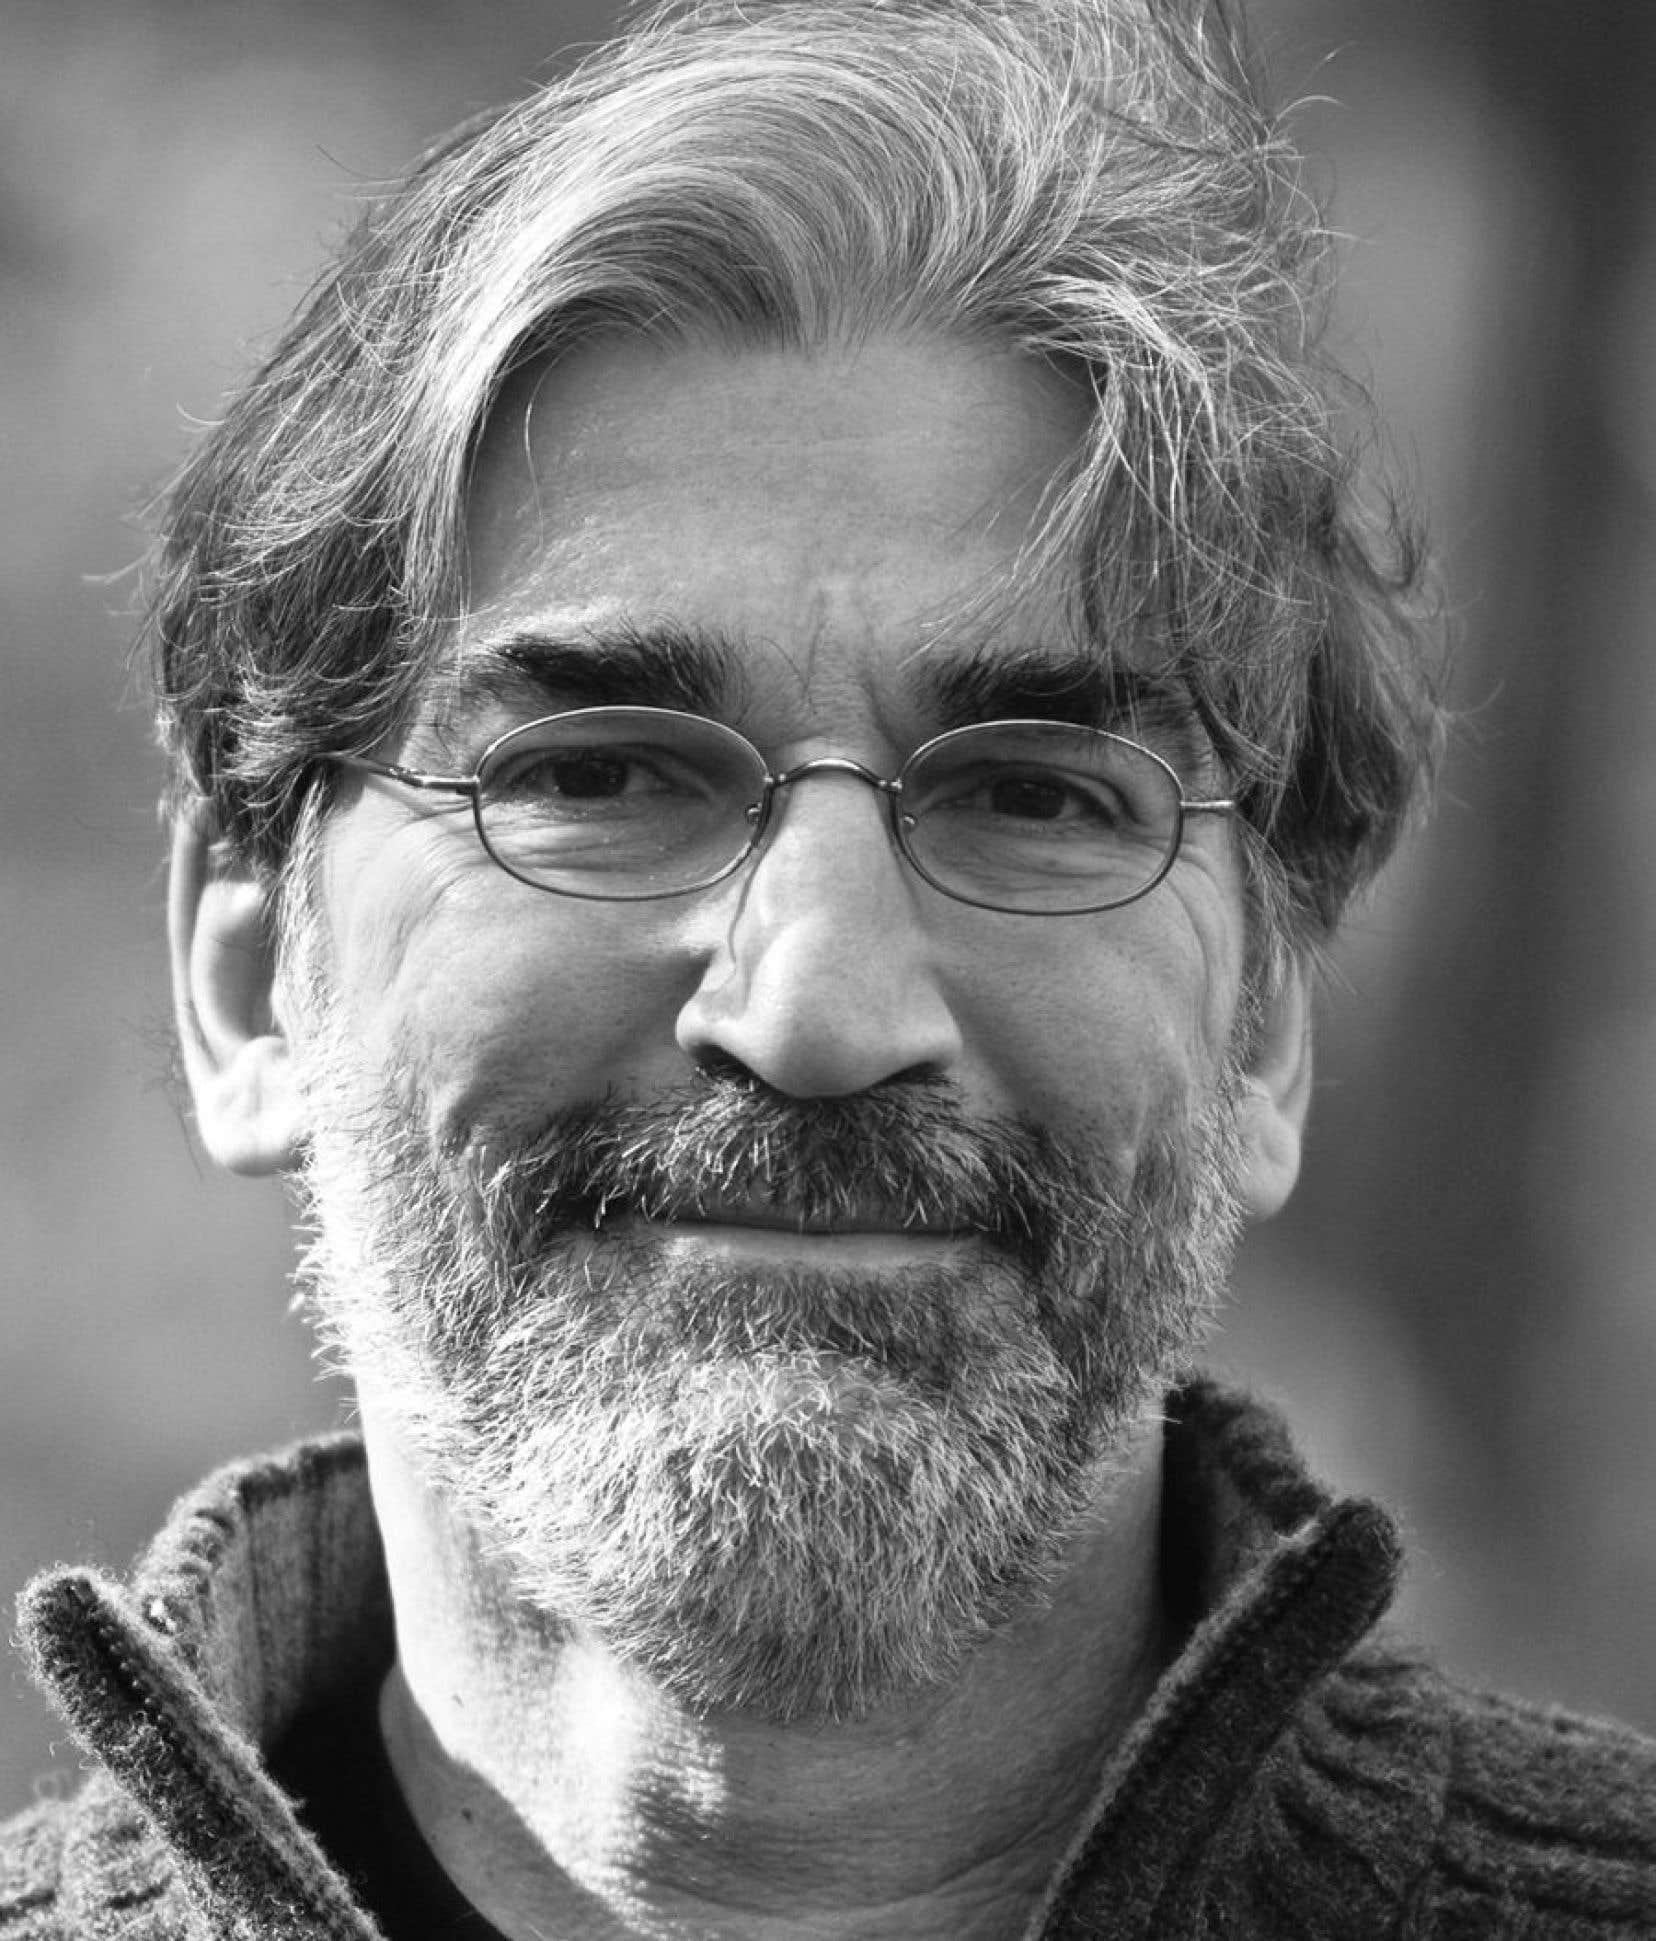 Pendant que Jean Lemieux passait de son ancien éditeur à Québec Amérique, son personnage André Surprenant quittait, lui, la Sûreté du Québec pour rejoindre le SPVM.